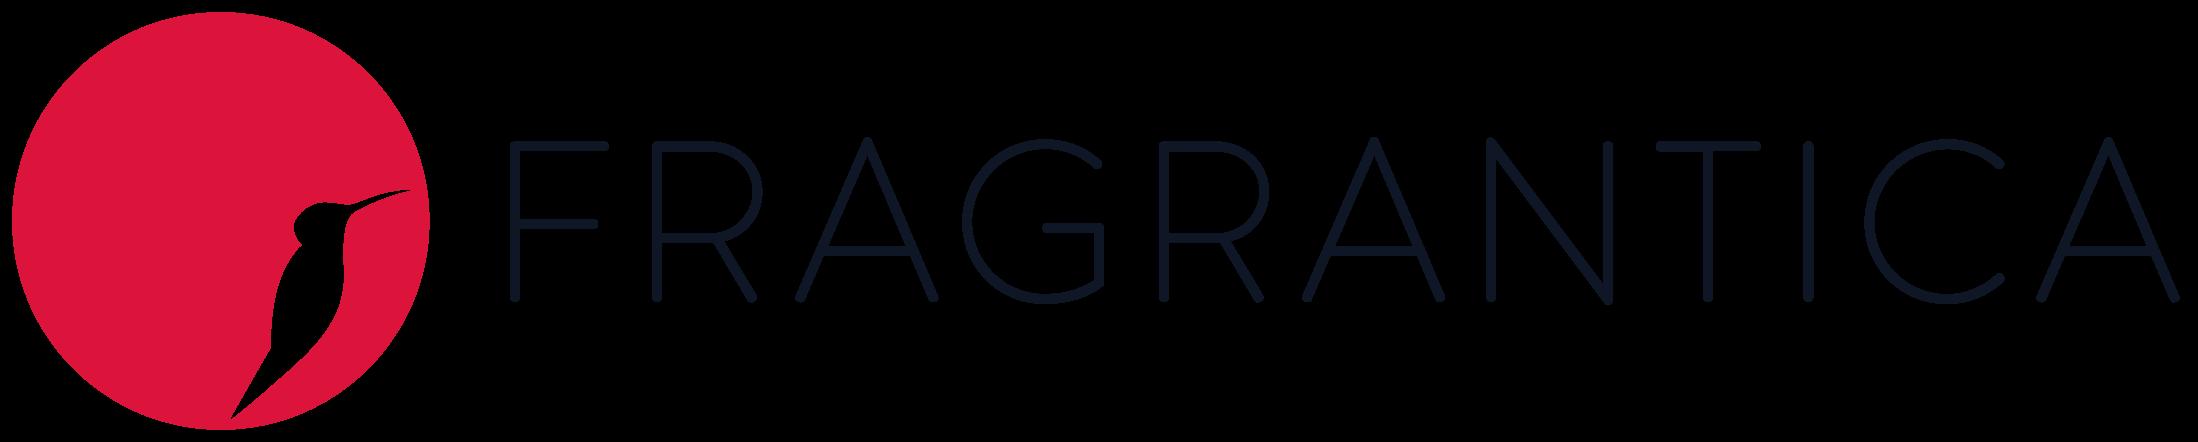 fragrantica-logo-svg.png